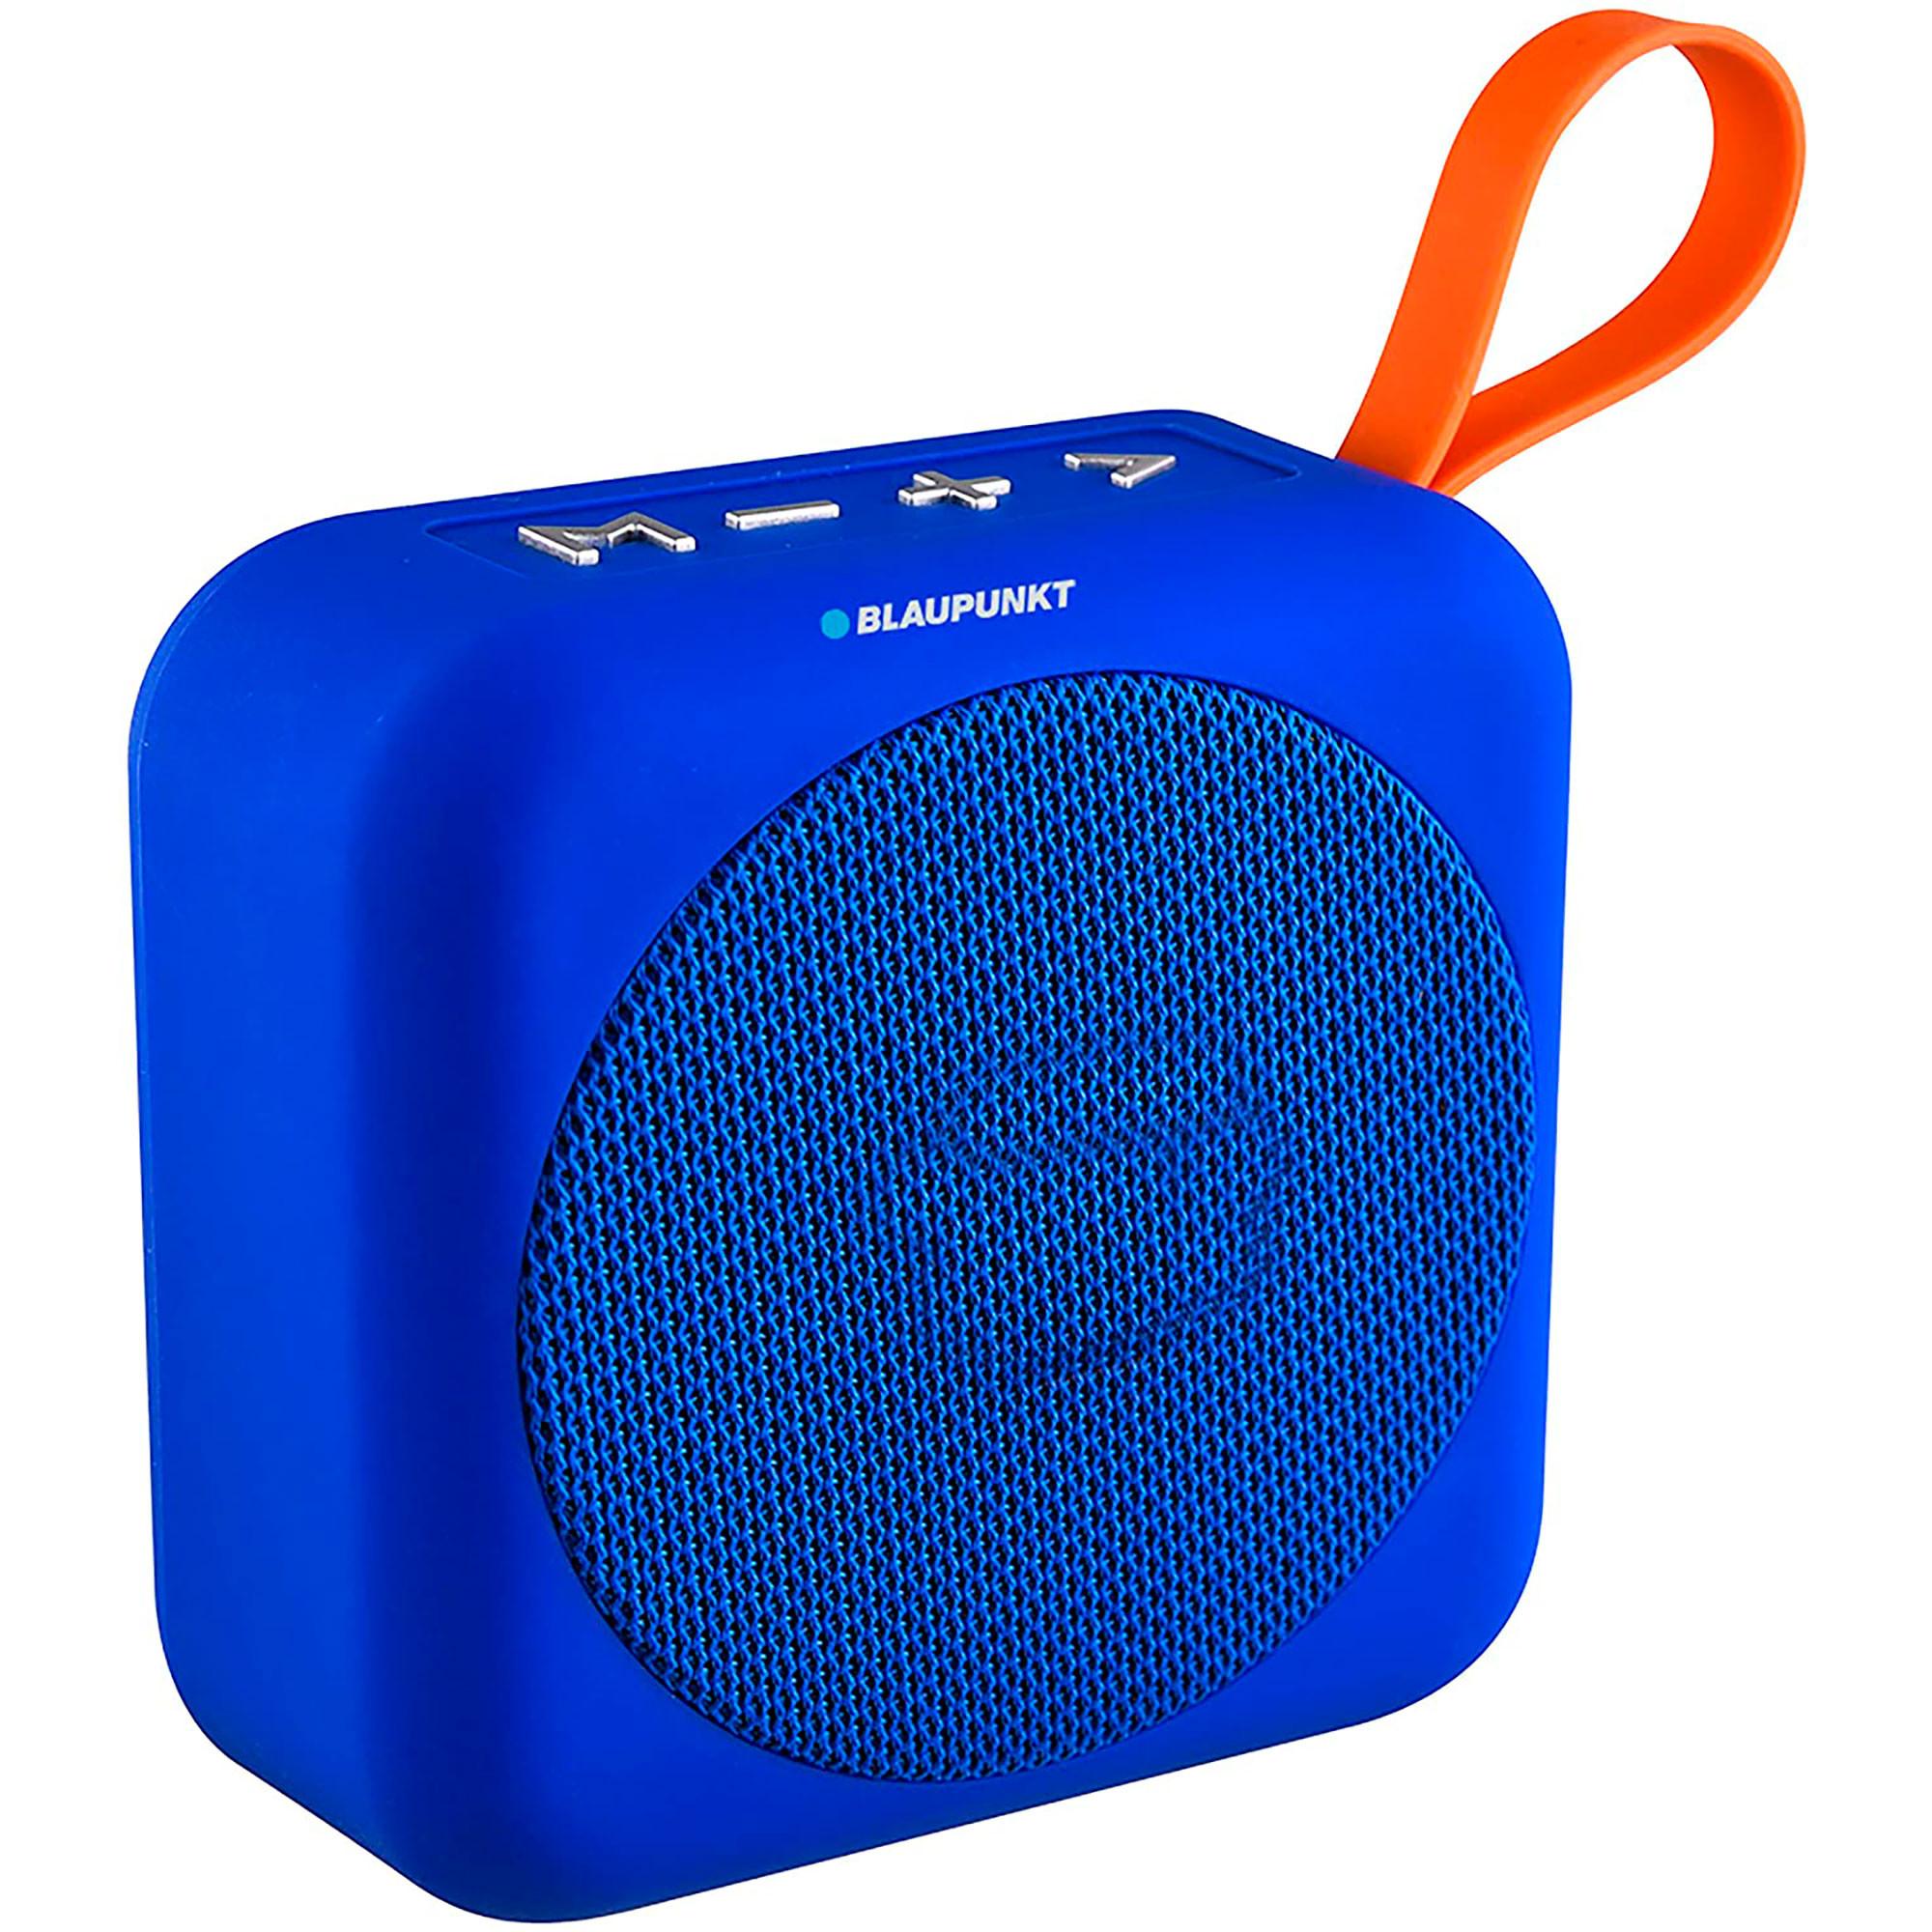 Blaupunkt BLP3610.182 Altavoz Bluetooth, Portátil, Potencia Sonido 3W, Subwoofer, Alcance 10m, USB, Micro-SD, Inalámbrico, Batería Recargable, Azul